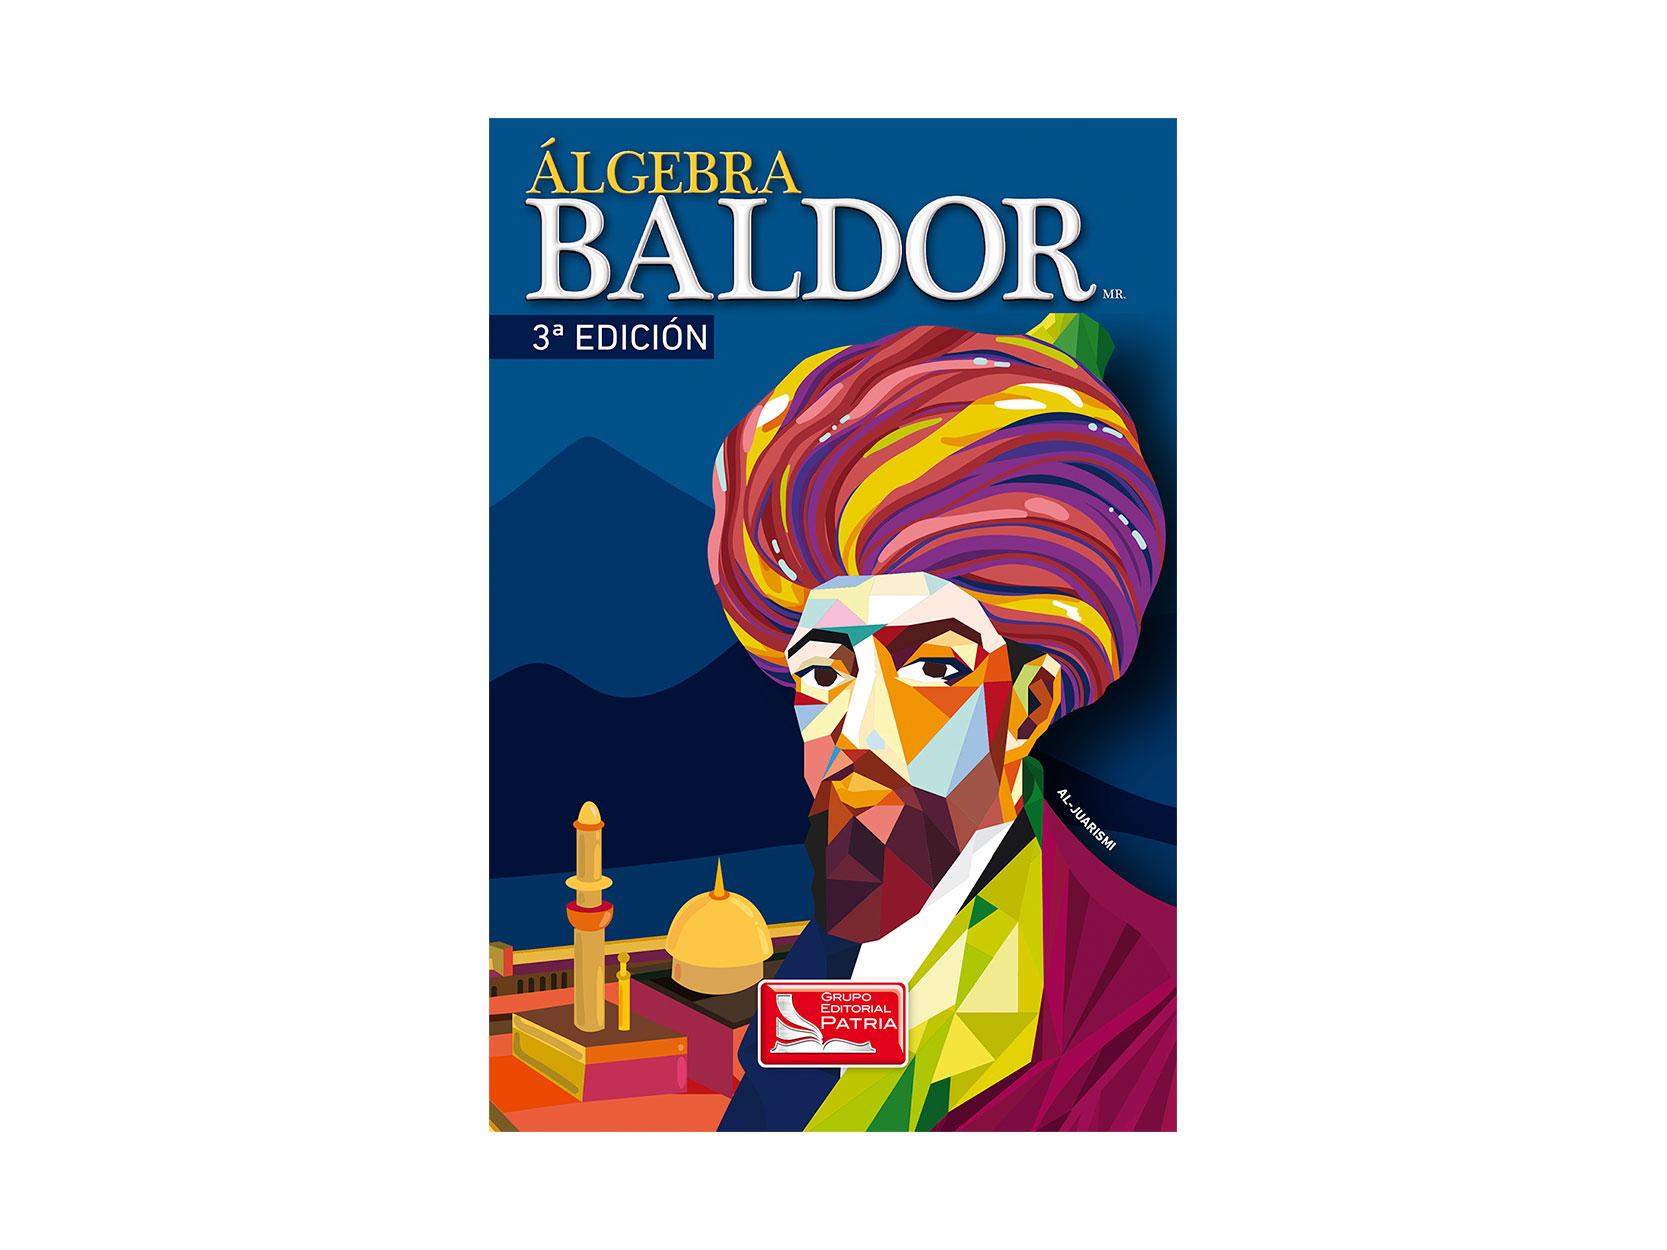 ALGEBRA BALDOR 4TA EDIC. CD